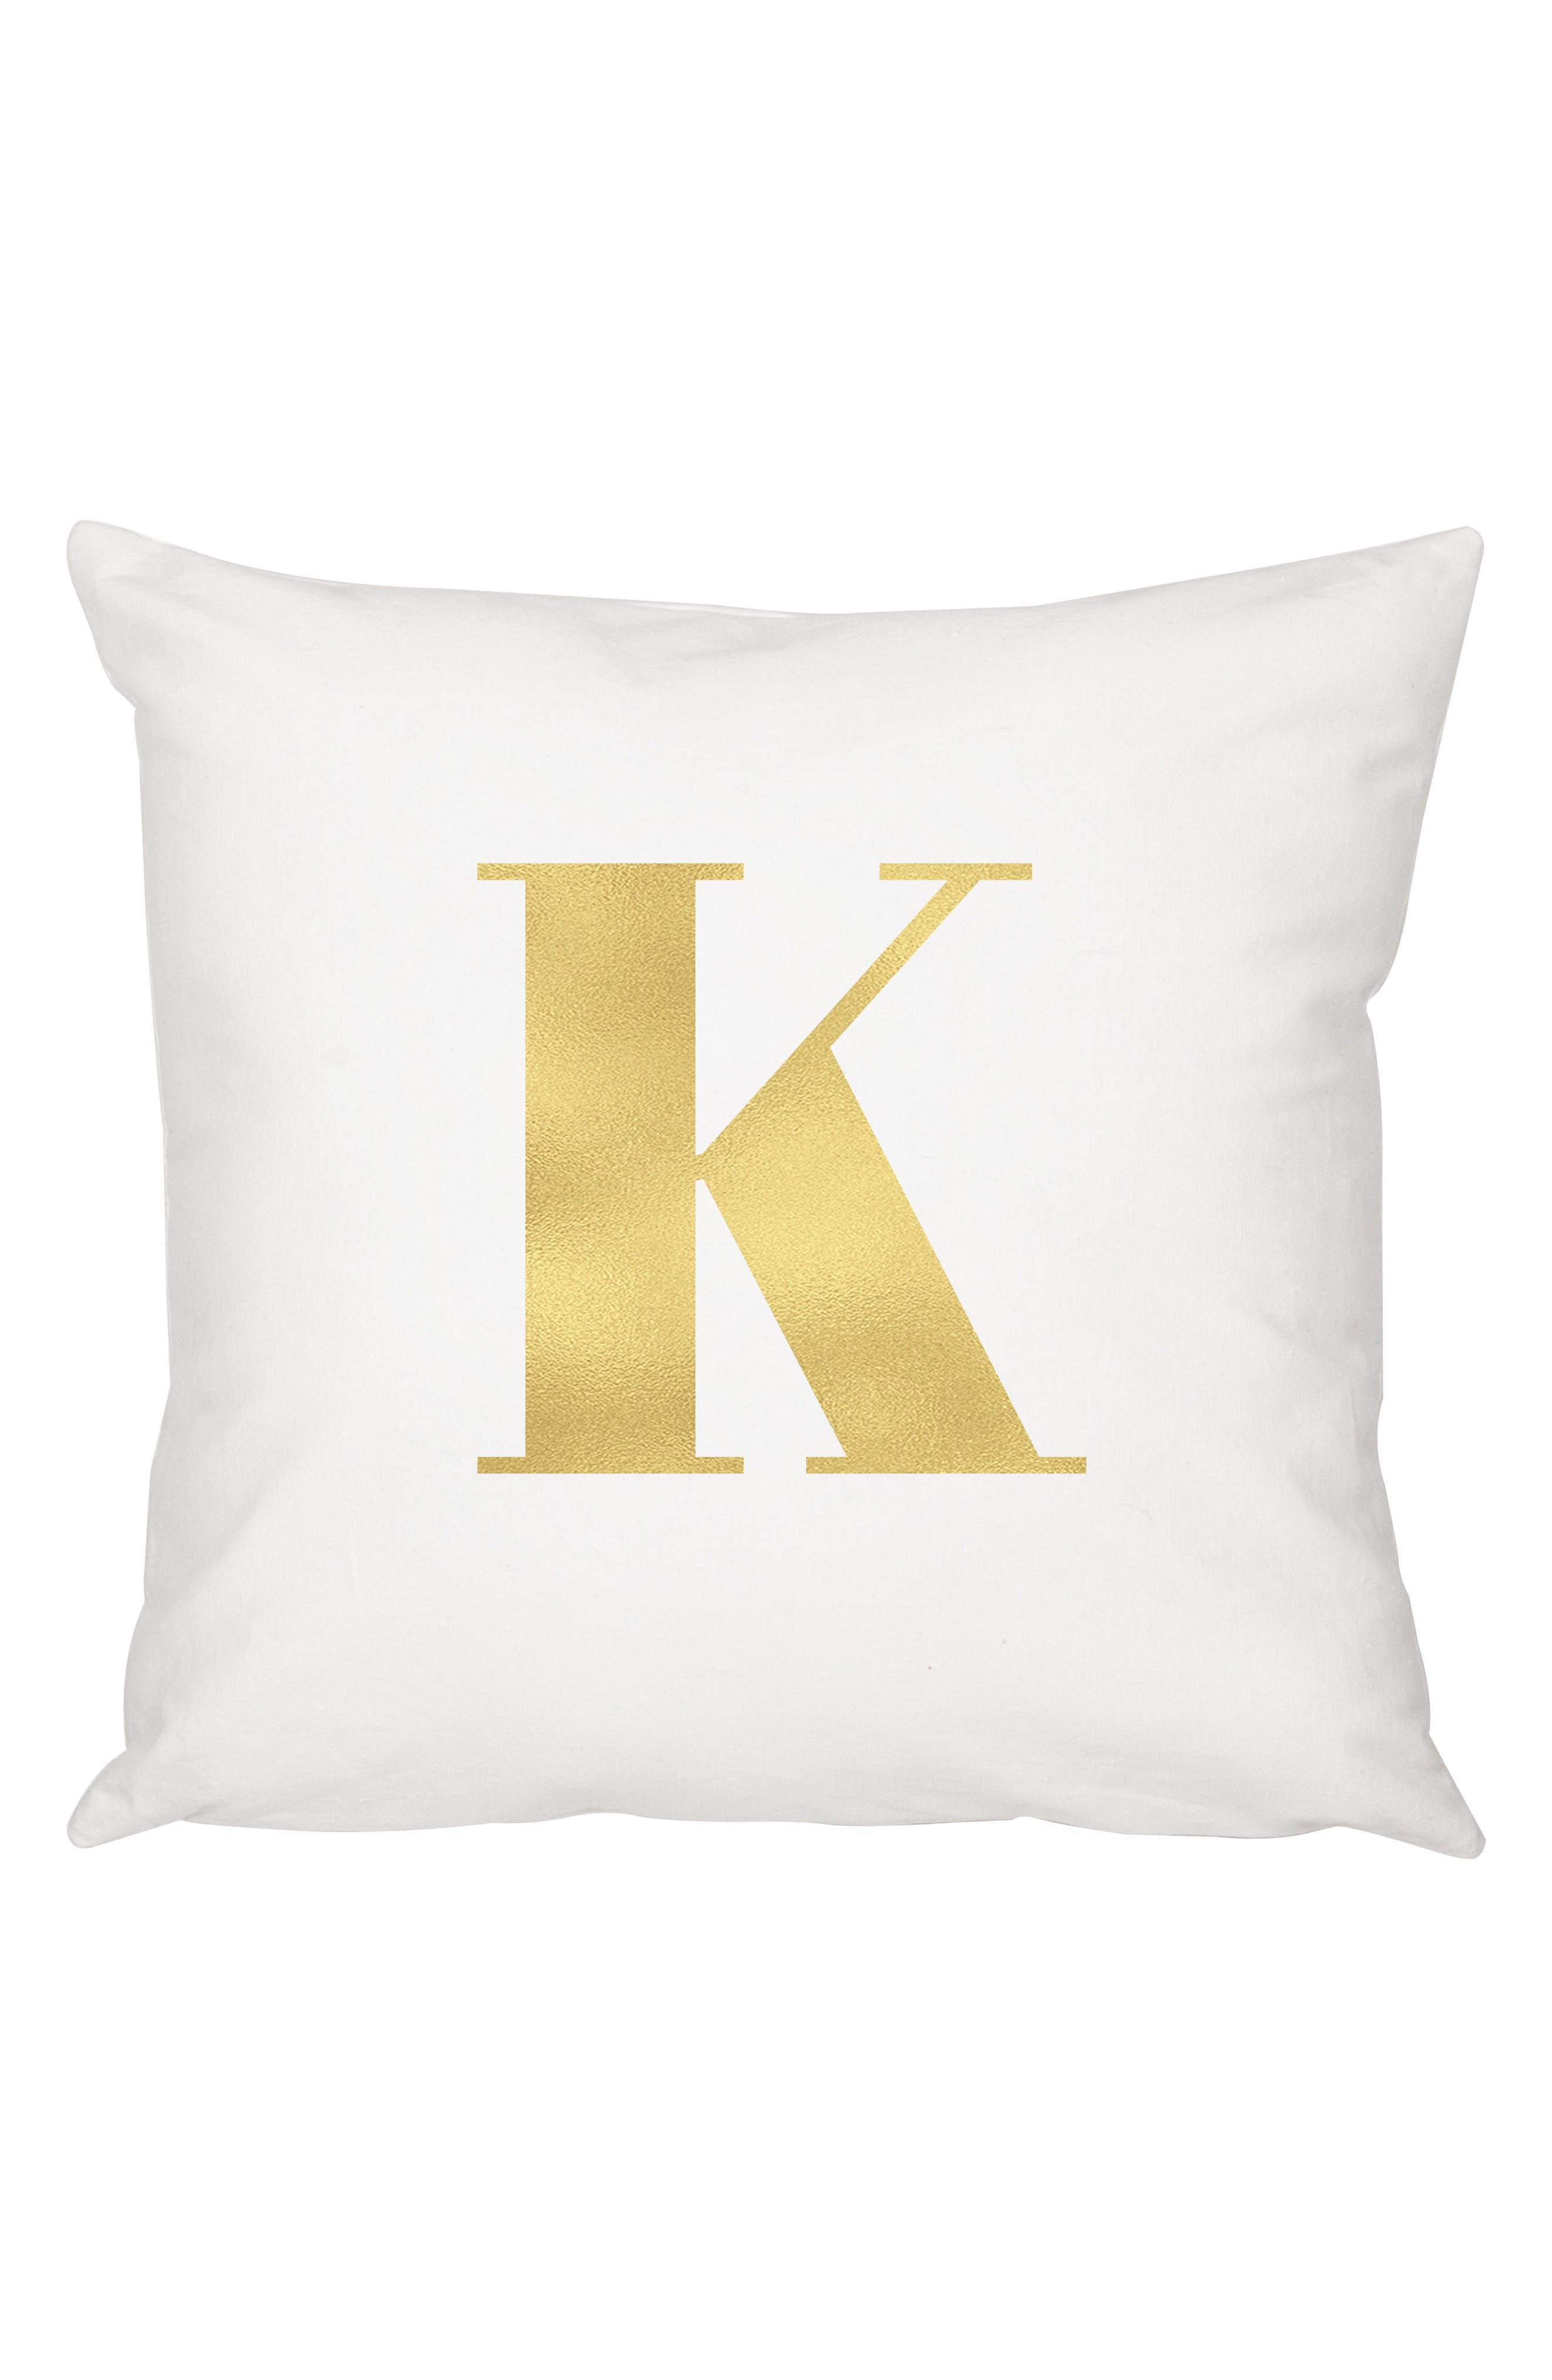 Monogram Accent Pillow,                             Main thumbnail 1, color,                             700